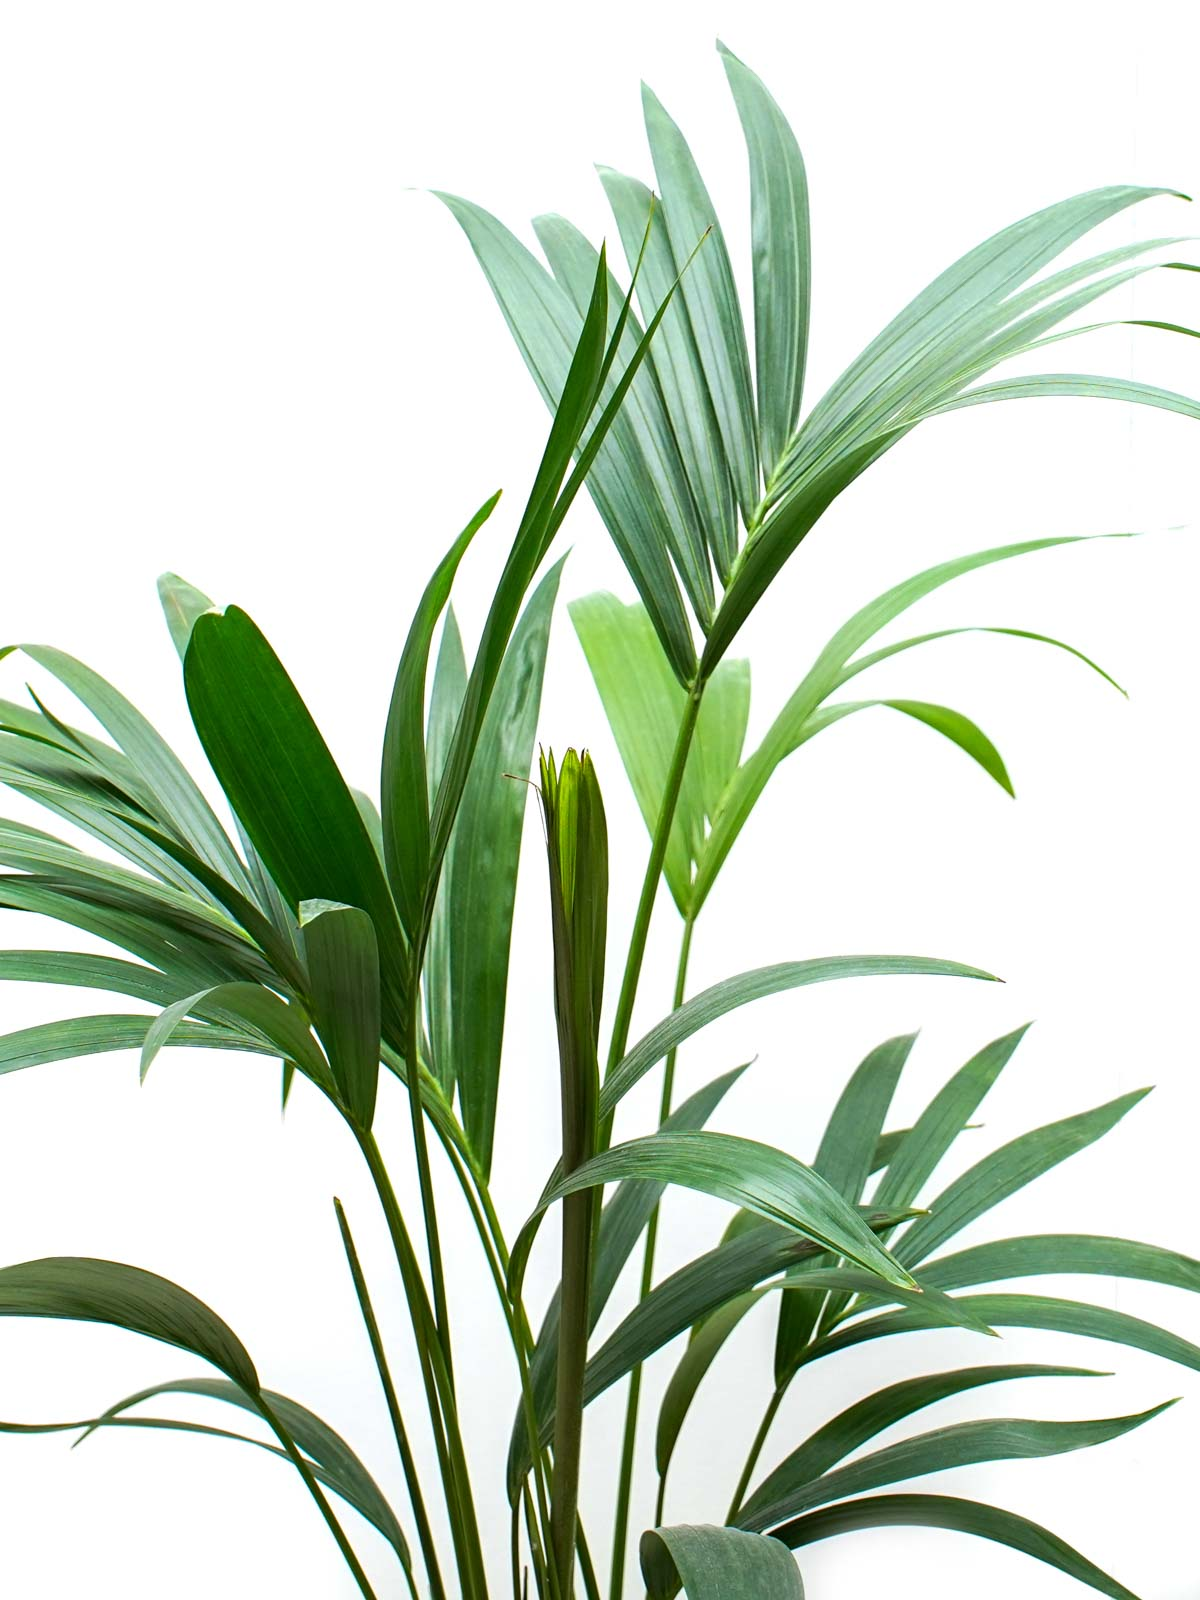 هوويا فورستريانا (كنتيا) نباتات داخلية أشجار